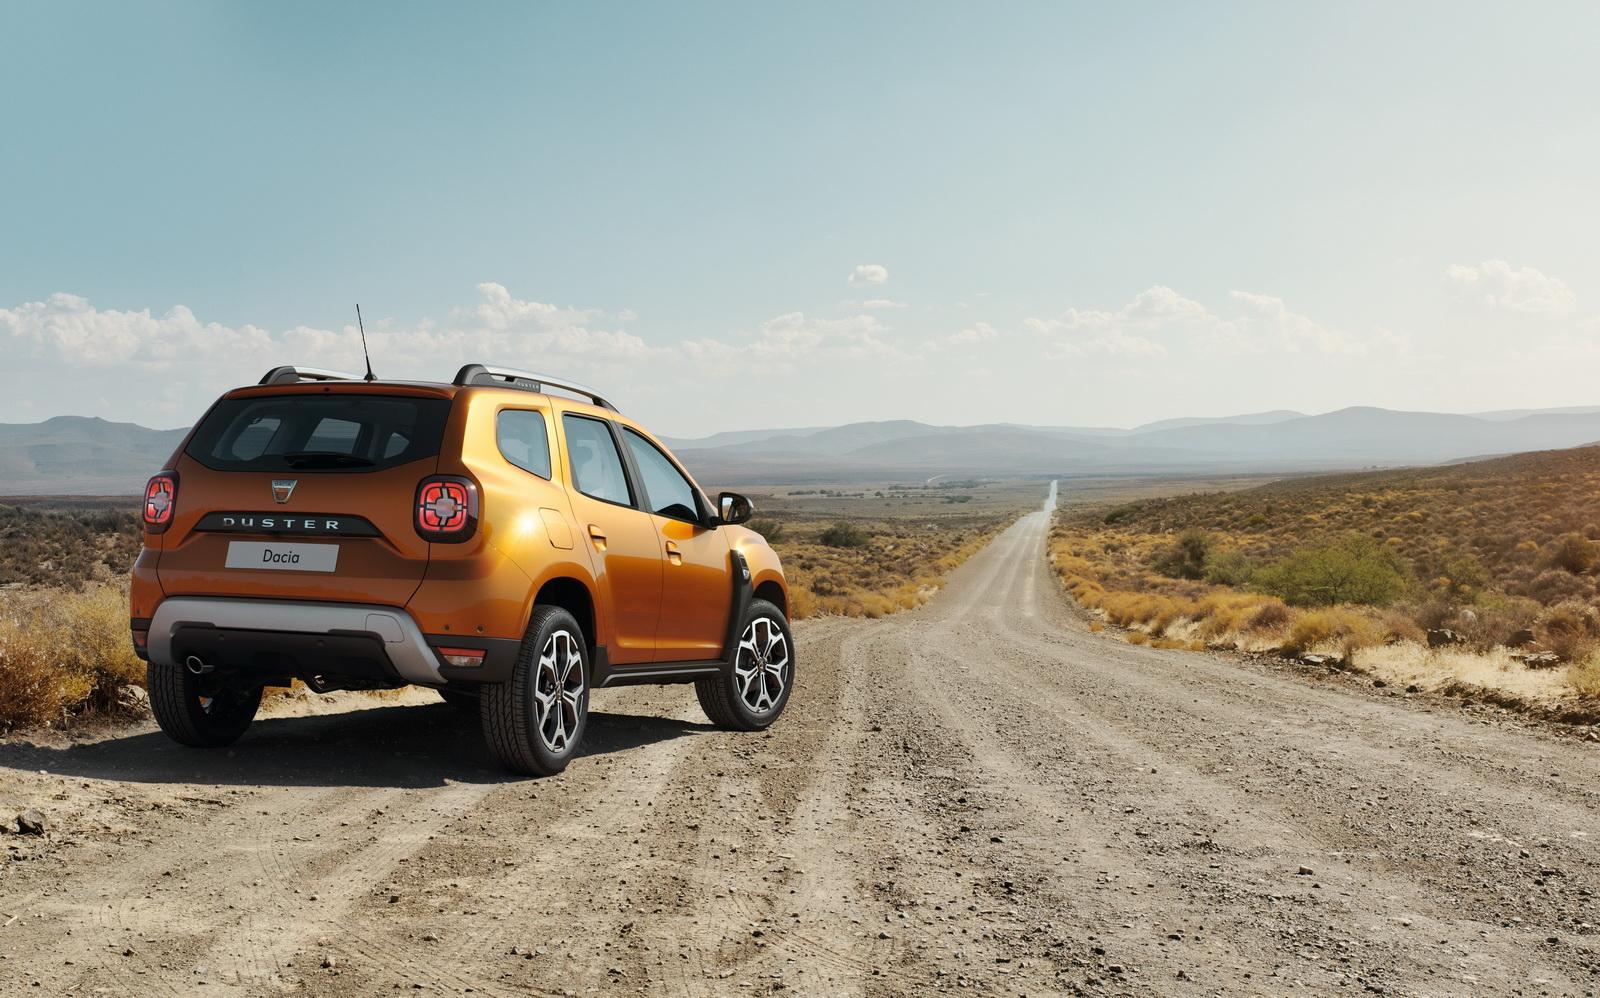 El nuevo Dacia Duster da un gran salto en diseño exterior